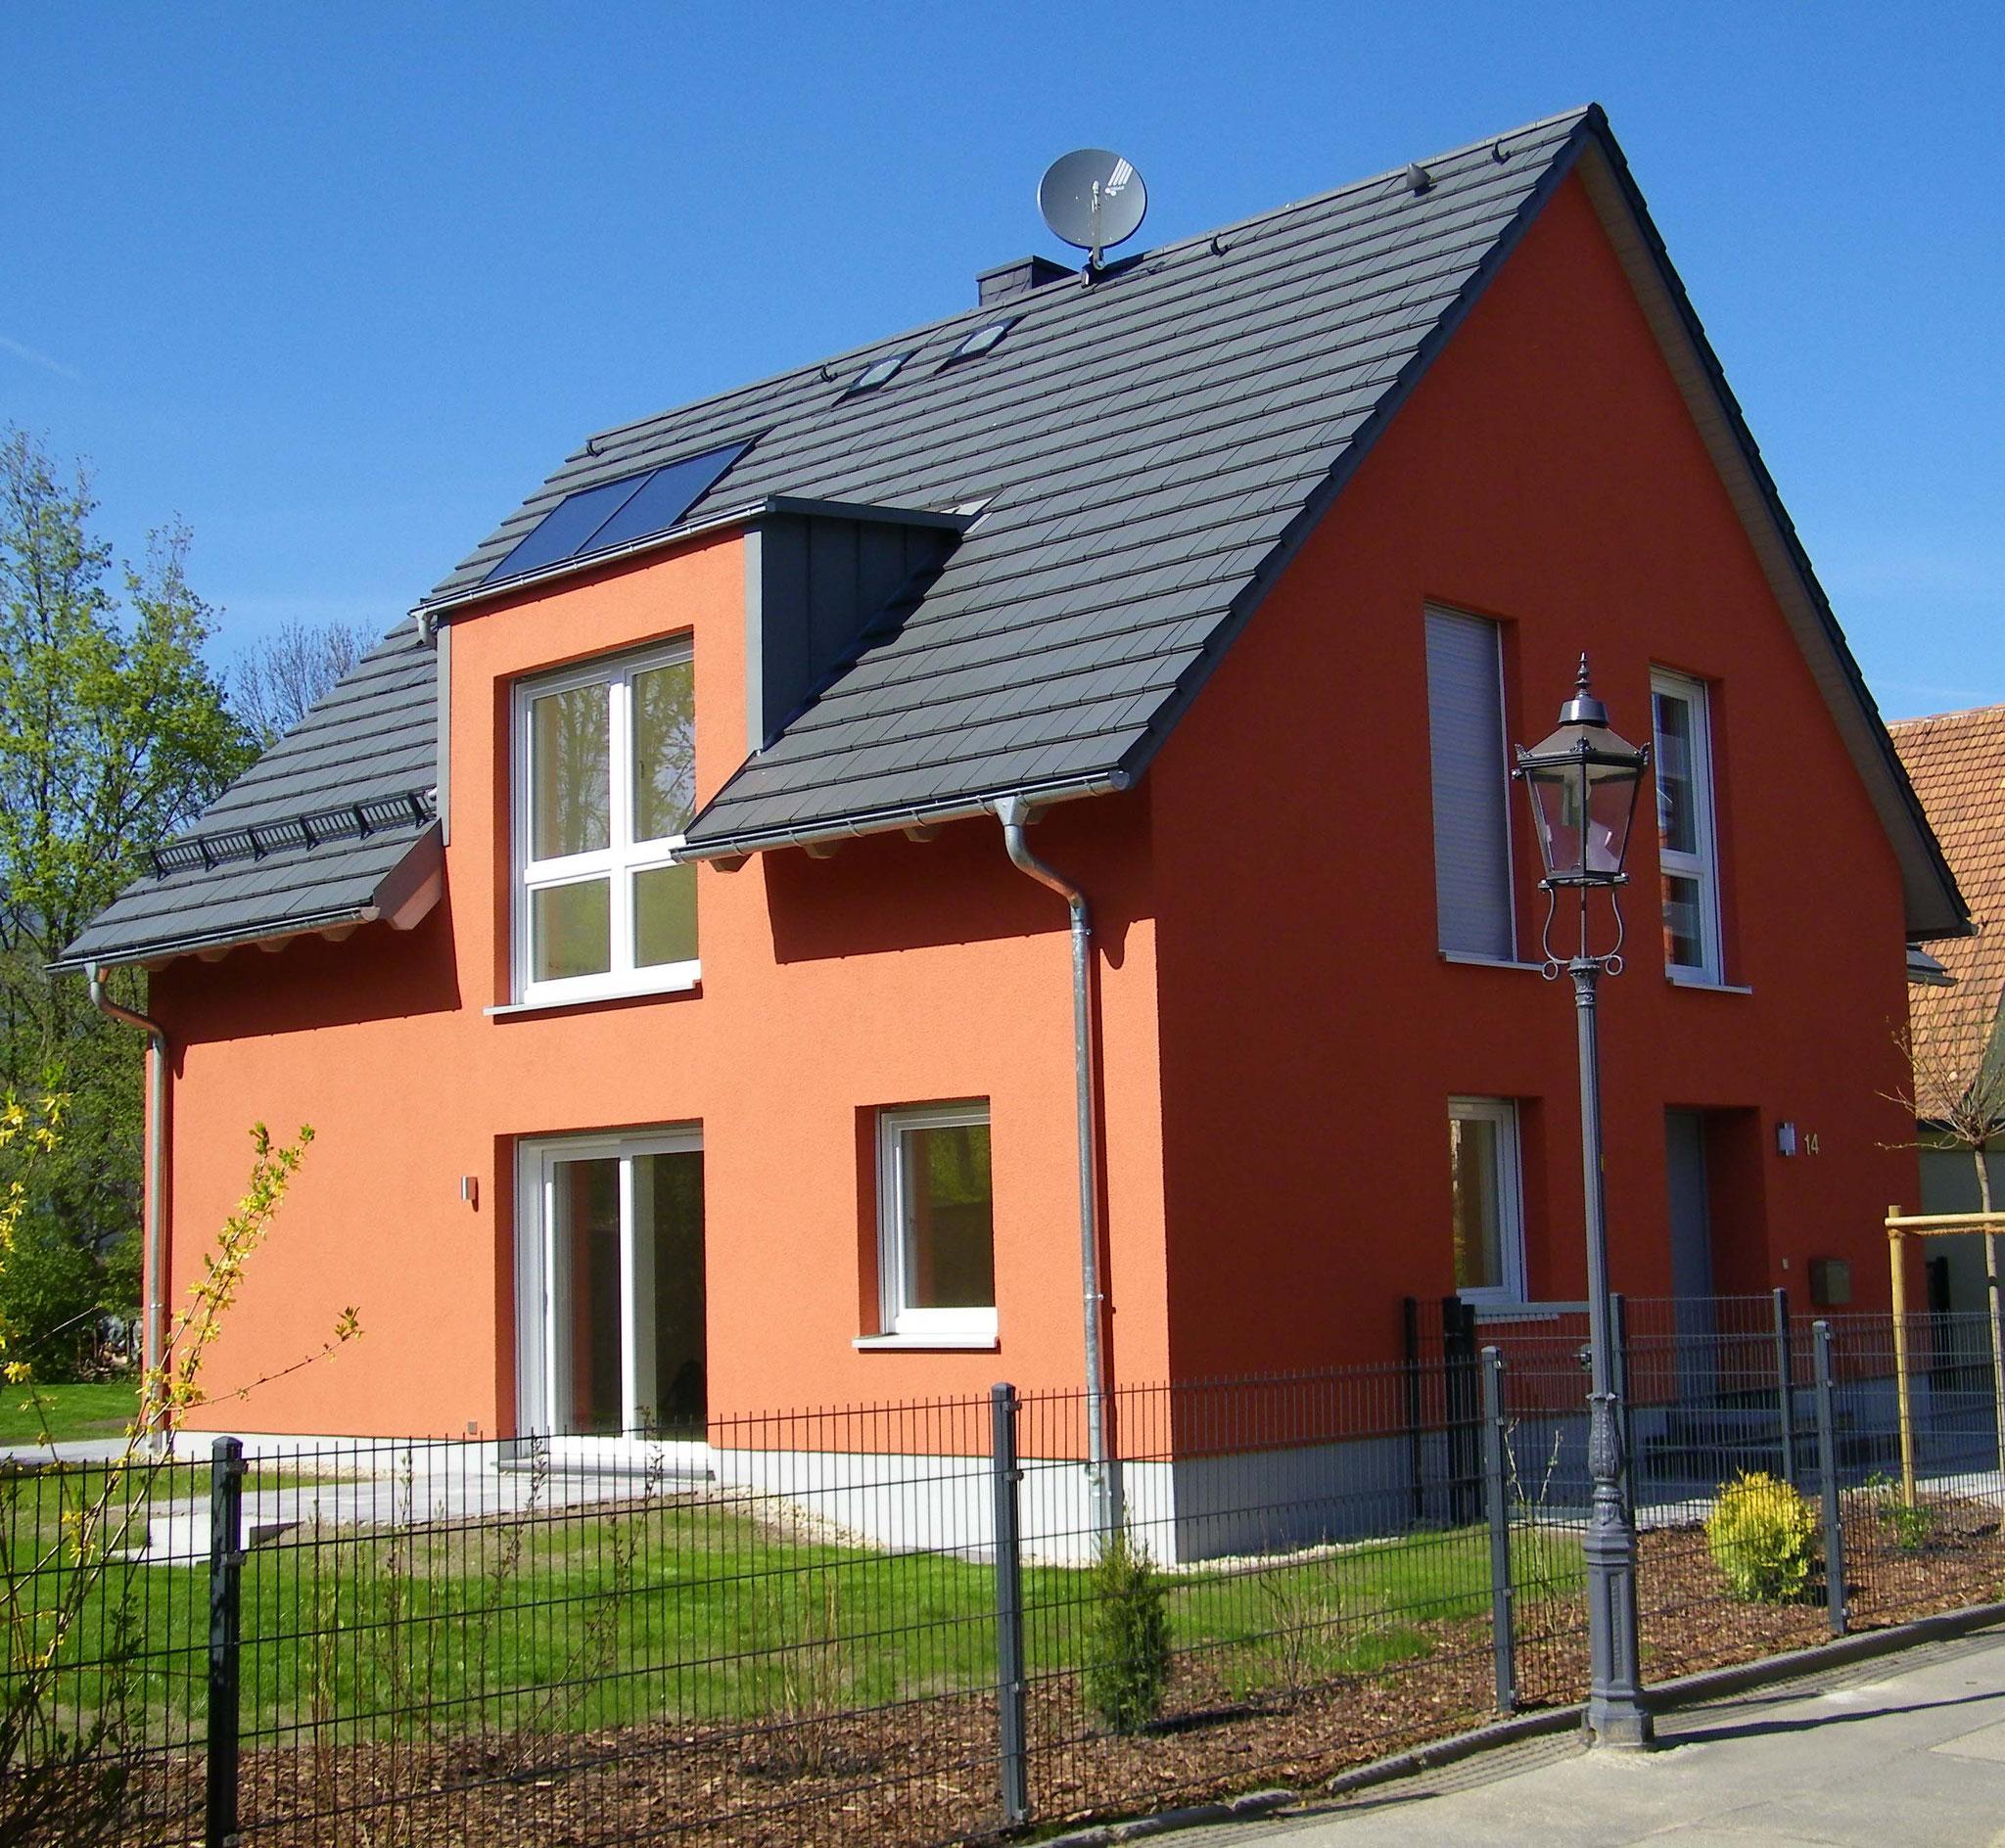 Umbau Einfamilienhaus Dresden, Thormeyerstraße (2015)